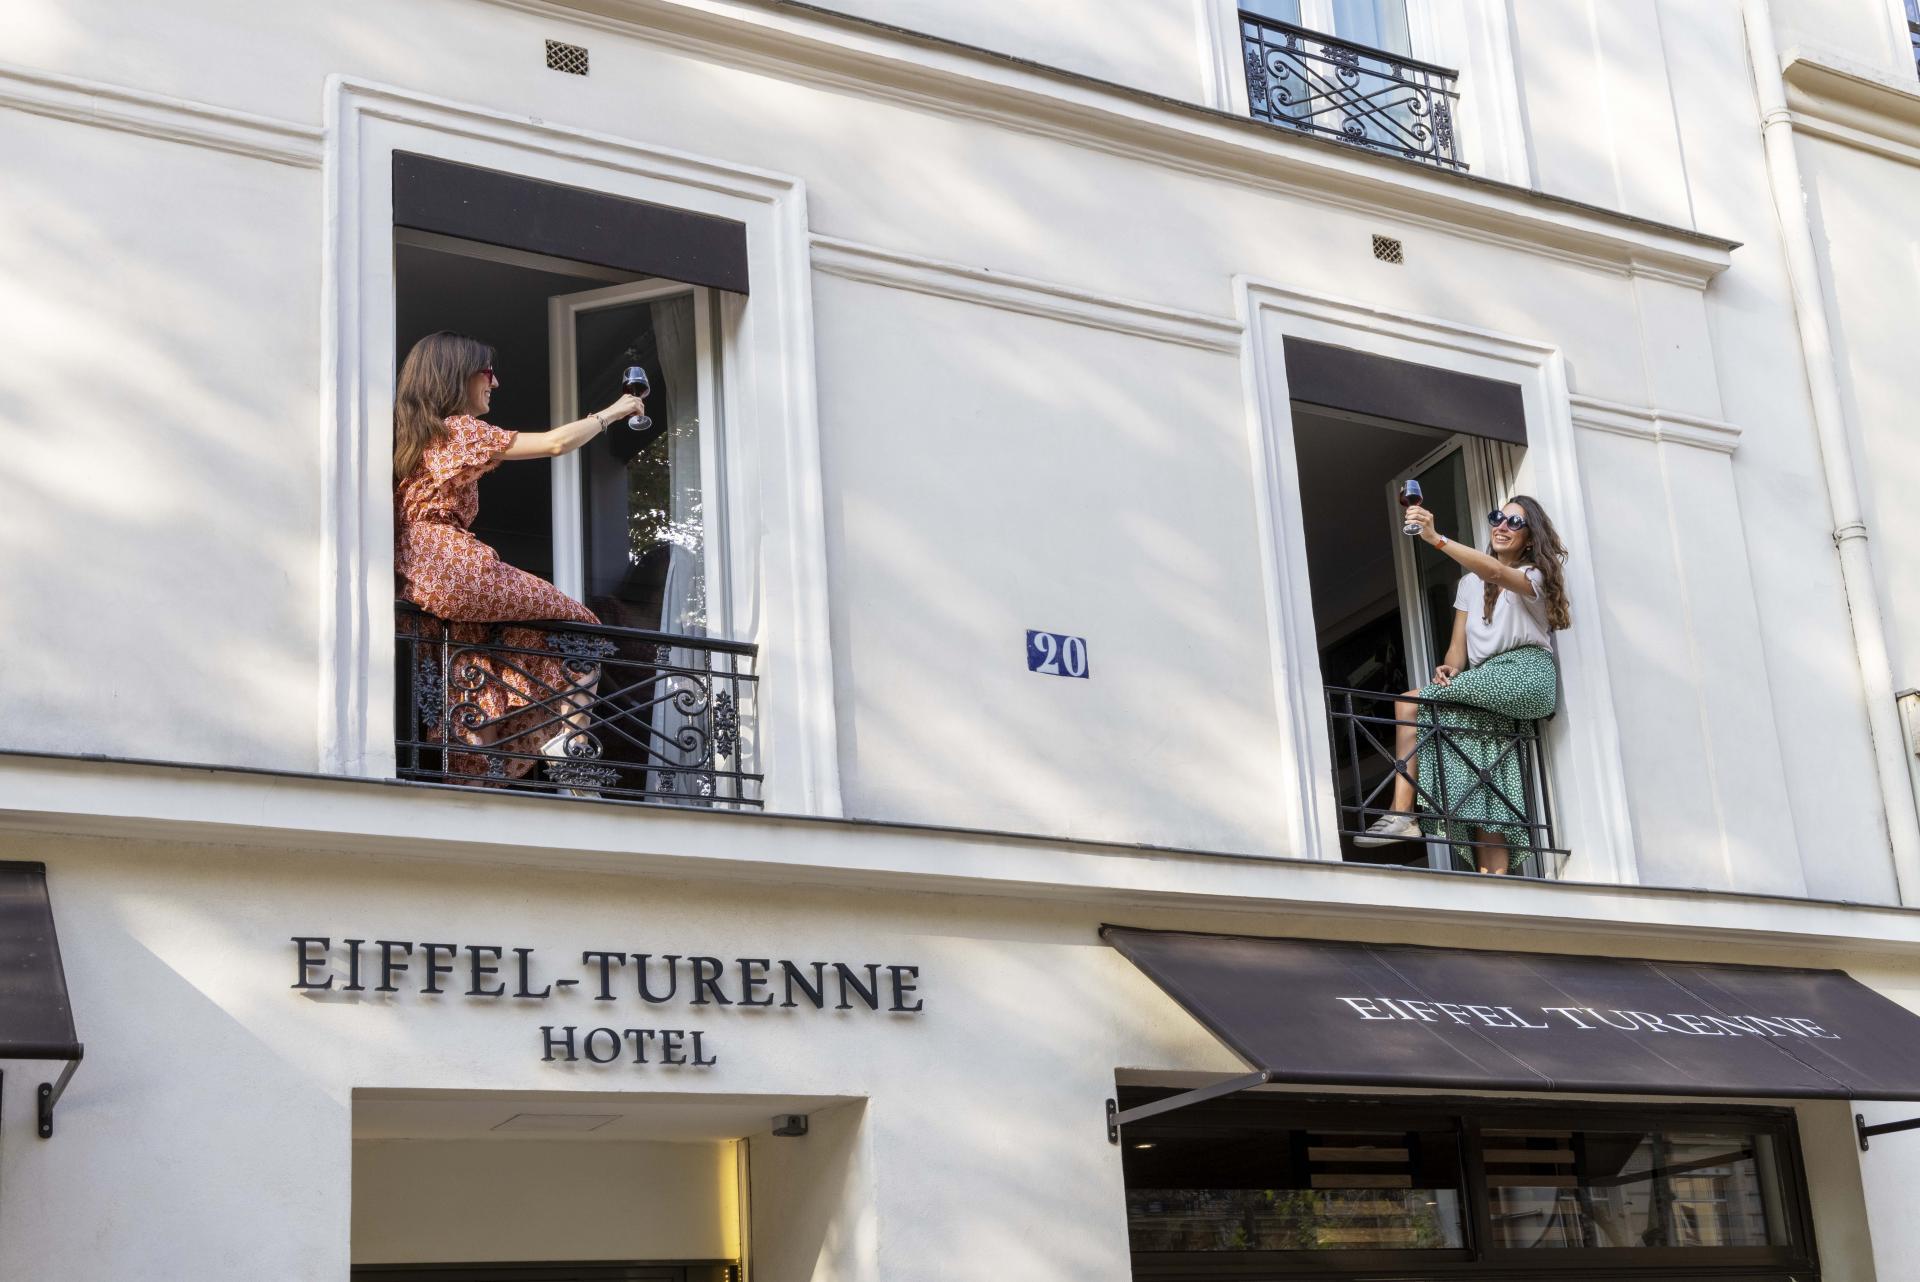 Hotel Eiffel Turenne - Hotel